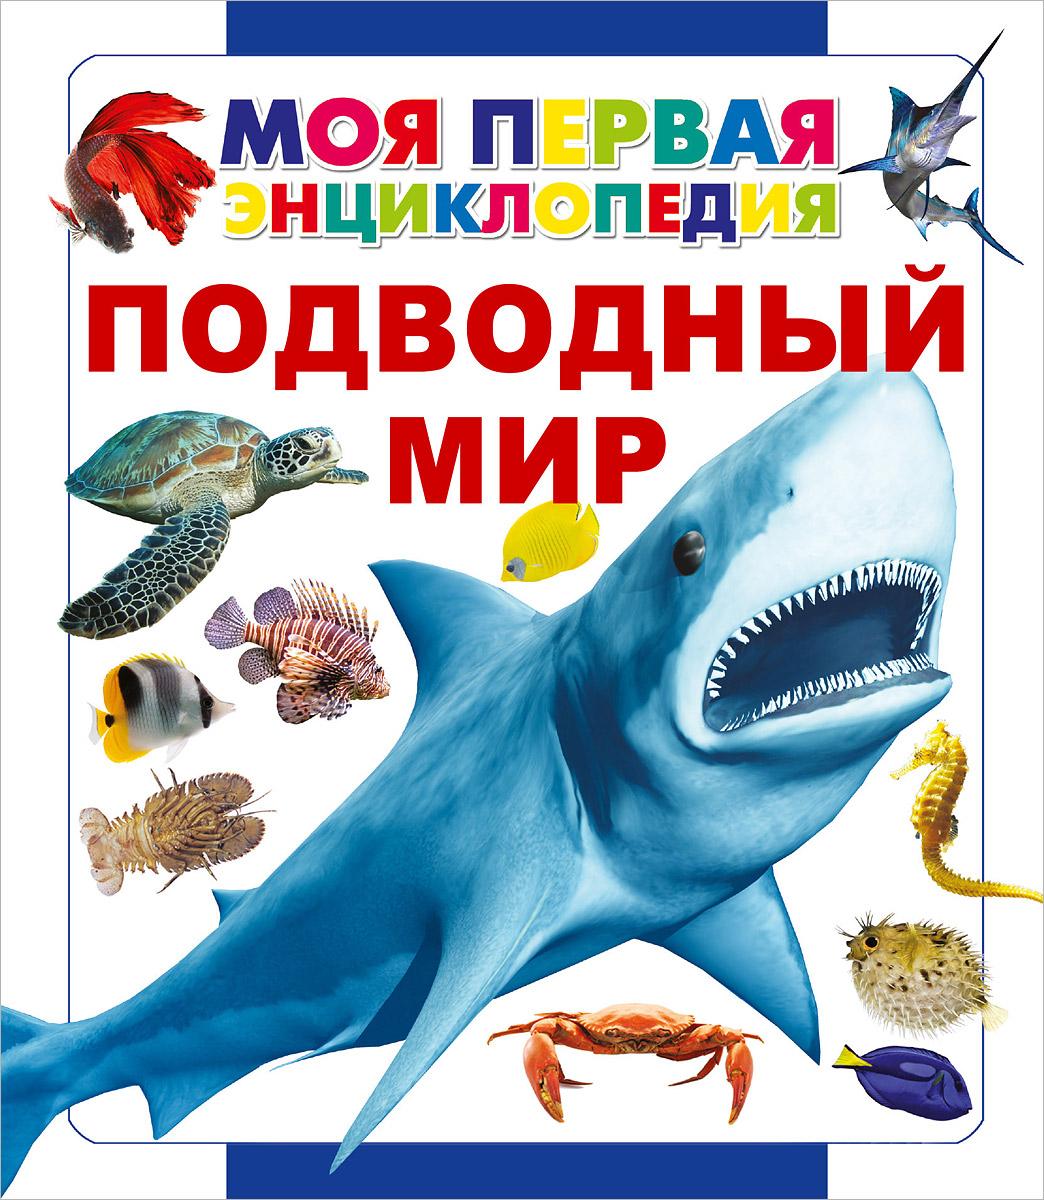 Подводный мир12296407Большая часть нашей планеты покрыта водой, под толщей которой скрывается весьма активная и разнообразная жизнь. В этом подводном мире бок о бок существуют огромные киты и крошечные рыбешки, медлительные черепахи и стремительные парусники, добрые дельфины и кровожадные крокодилы. И всё это разнообразие морских животных не может обойтись друг без друга - здесь всё тесно взаимосвязано. Какое морское животное вырабатывает чернила, а какое способно менять свой цвет и даже светиться? Кто из морских обитателей похож на змею, а кто на лошадь? Правда ли, что в море живут клоуны, попугаи и даже драконы? Какое морское животное умеет мяукать и лаять, а какое реветь? Почему кальмара называют живой ракетой, а некоторых акул няньками? На все эти и другие не менее интересные вопросы юный читатель найдет ответ в этой книге.